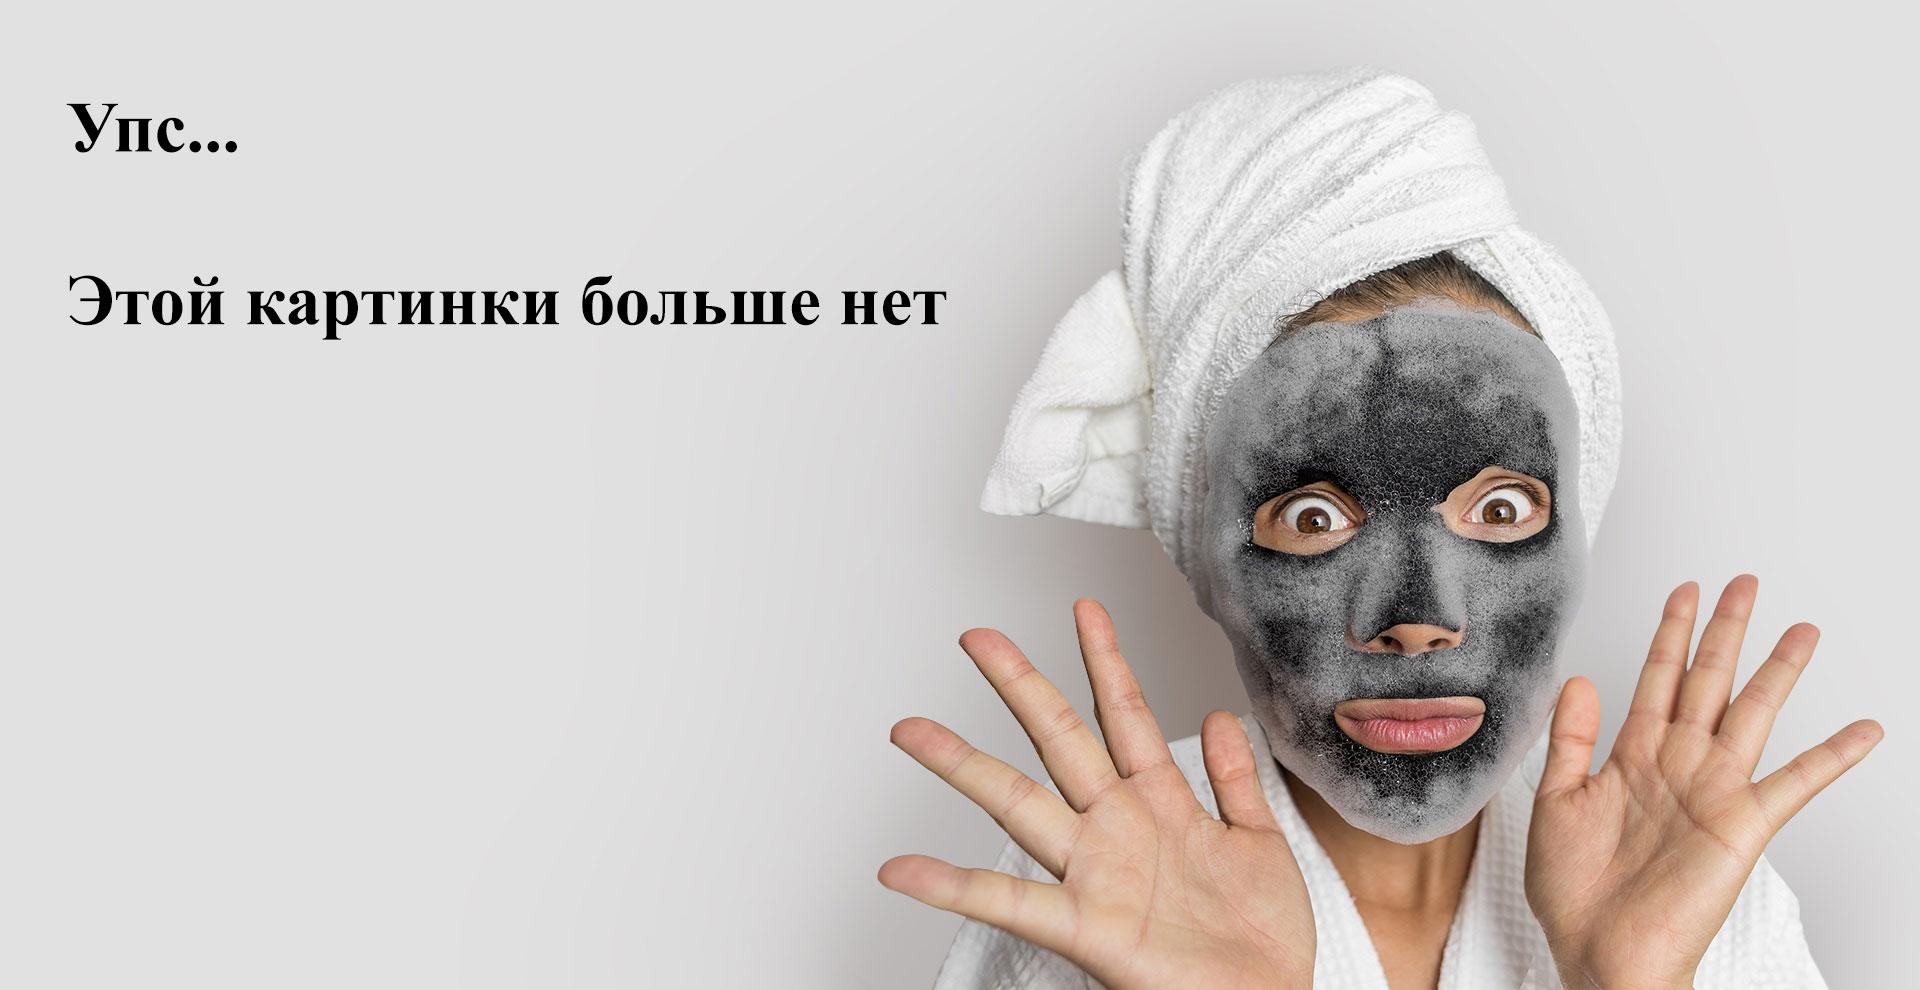 Нolika Holika, Универсальный несмываемый гель Алоэ 99%, 250 мл